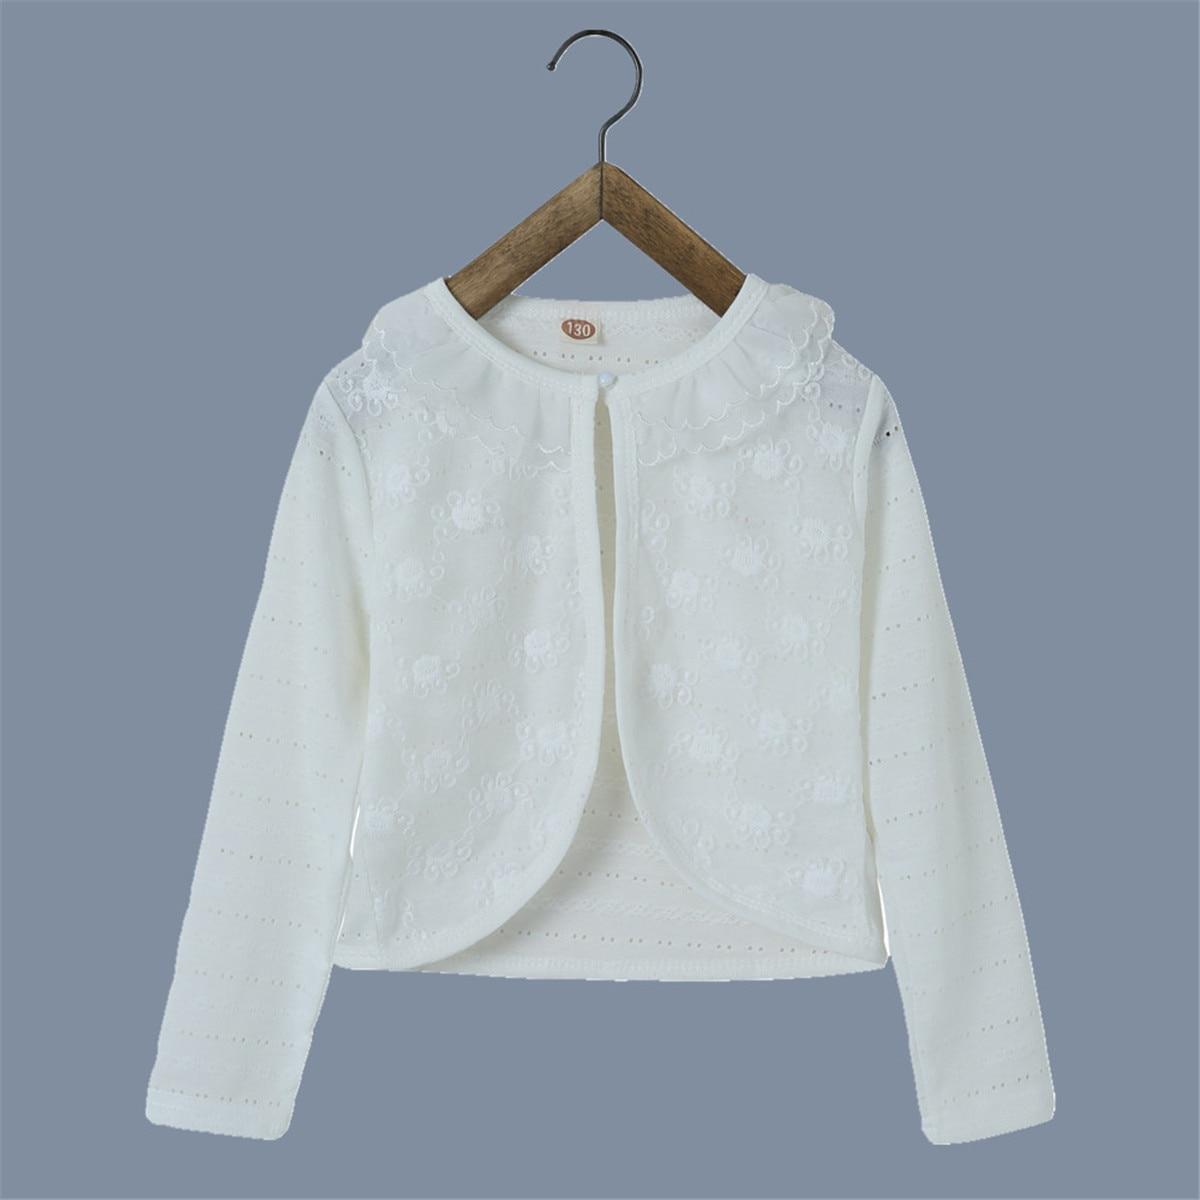 RL 2019 dívčí bunda dětské Cardigan dívky 100% bavlna bílé květinové dívky kabát pro 1 2 3 4 6 8 10 12 let dětské oblečení